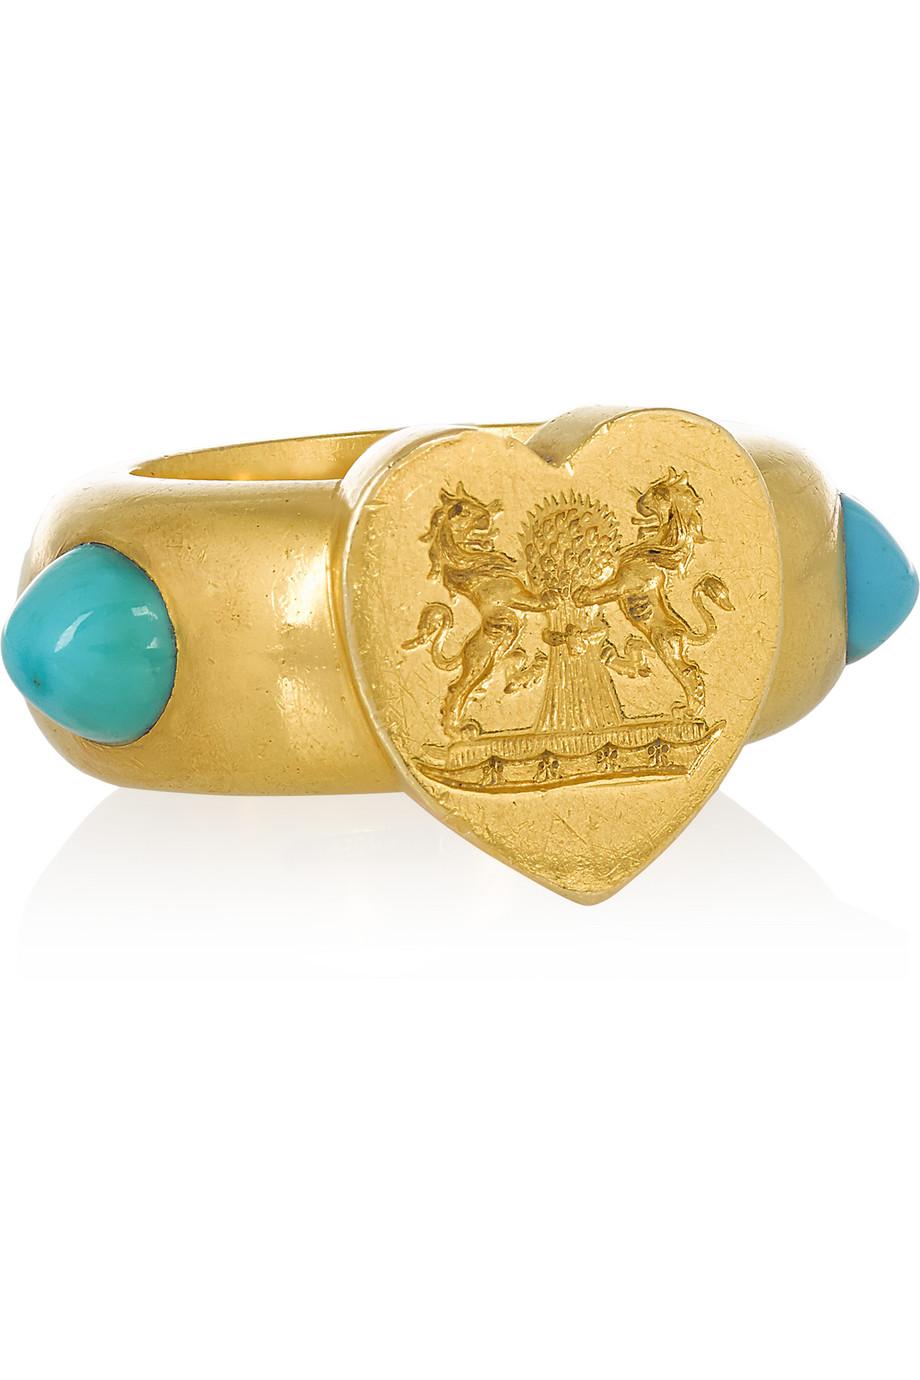 Fred Leighton 1877 18-Karat Gold Turquoise Signet Ring, Gold/Turquoise, Women's